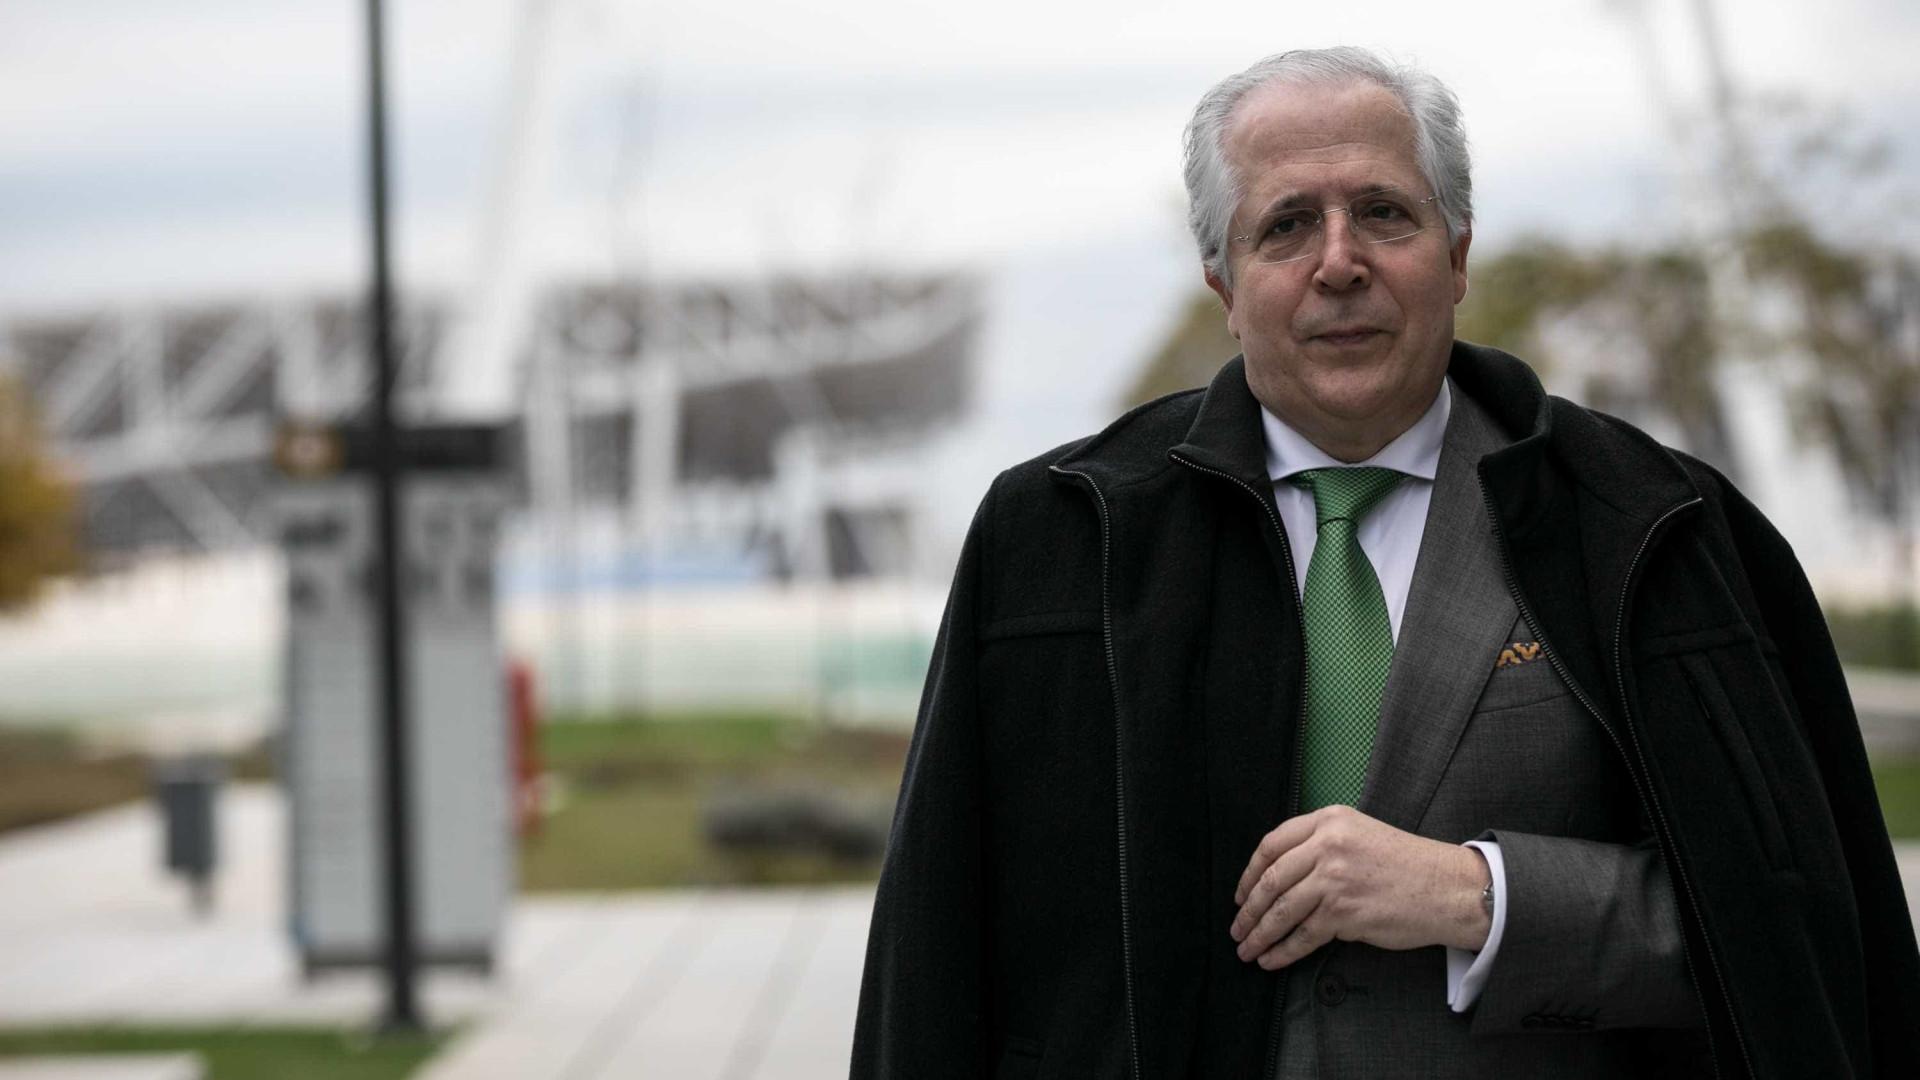 Juiz Carlos Alexandre continua a acreditar em Orlando Figueira